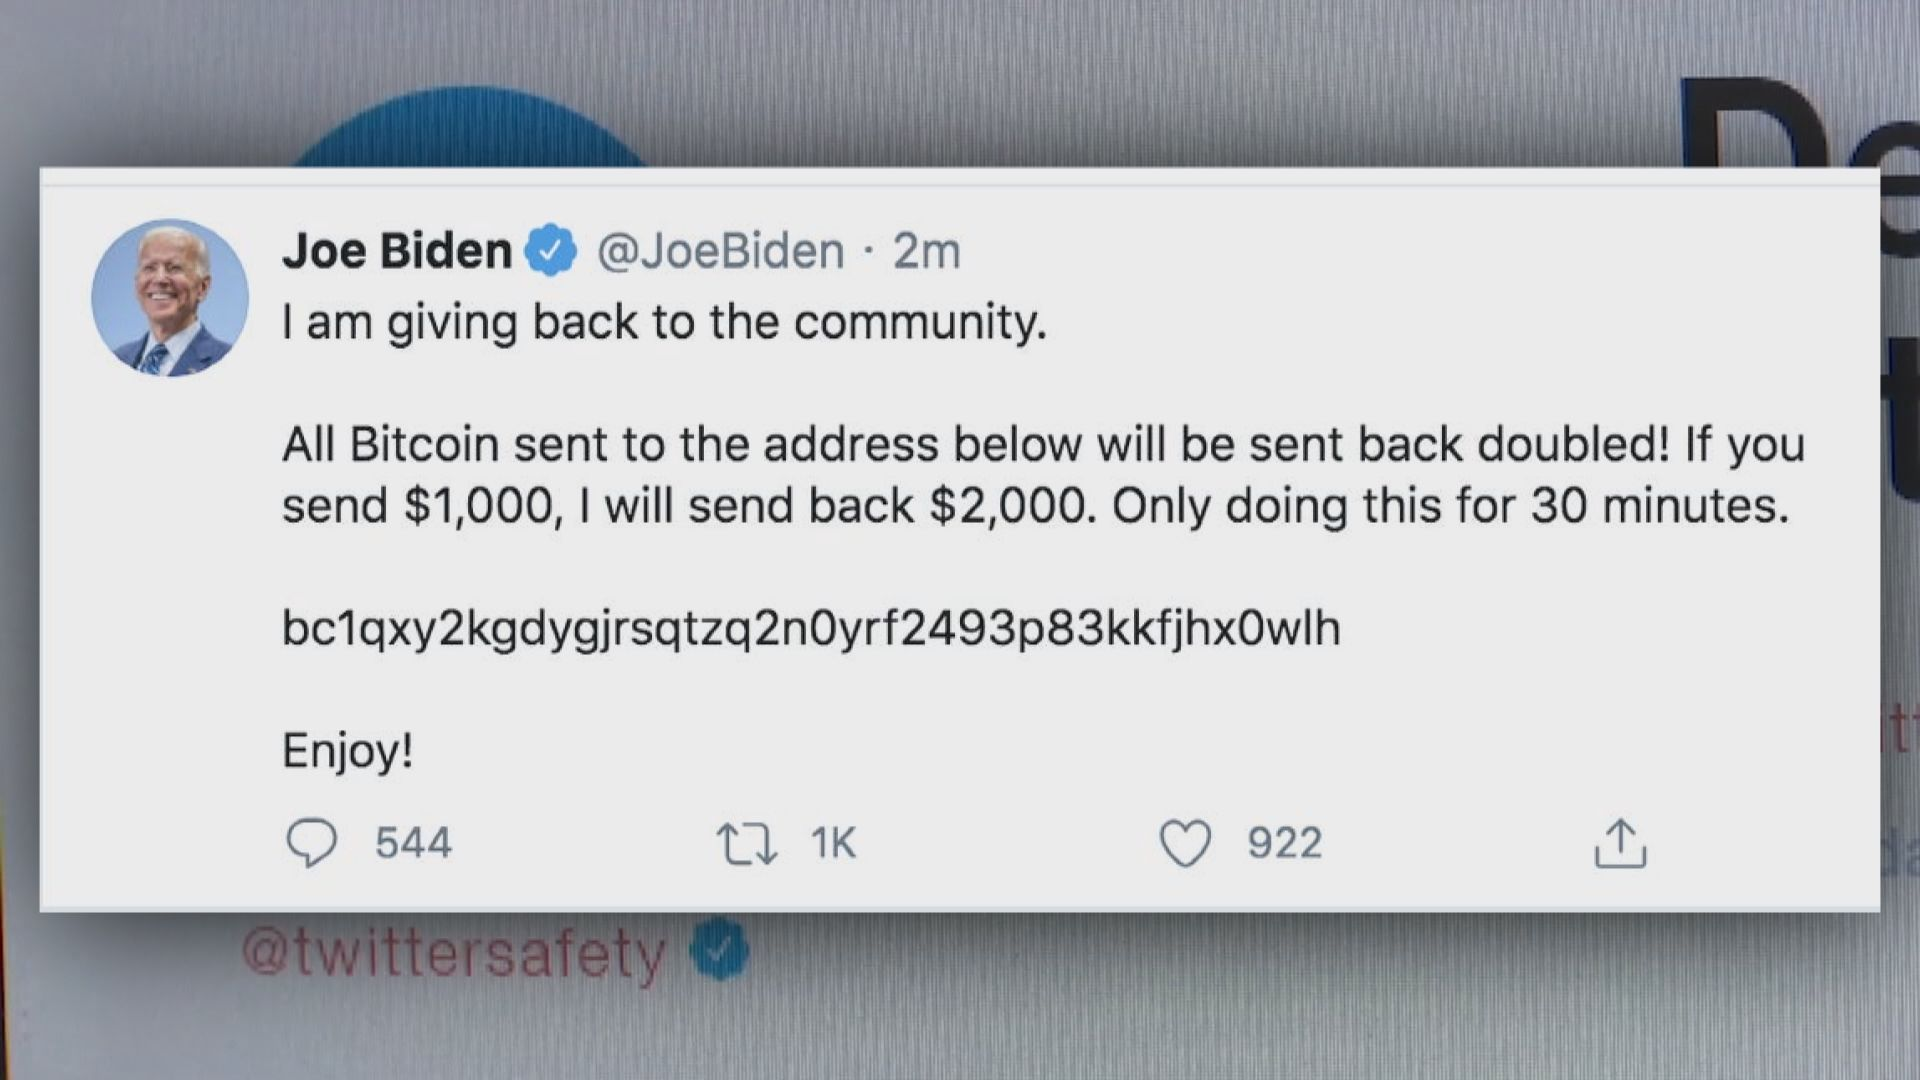 黑客大舉入侵Twitter詐騙比特幣